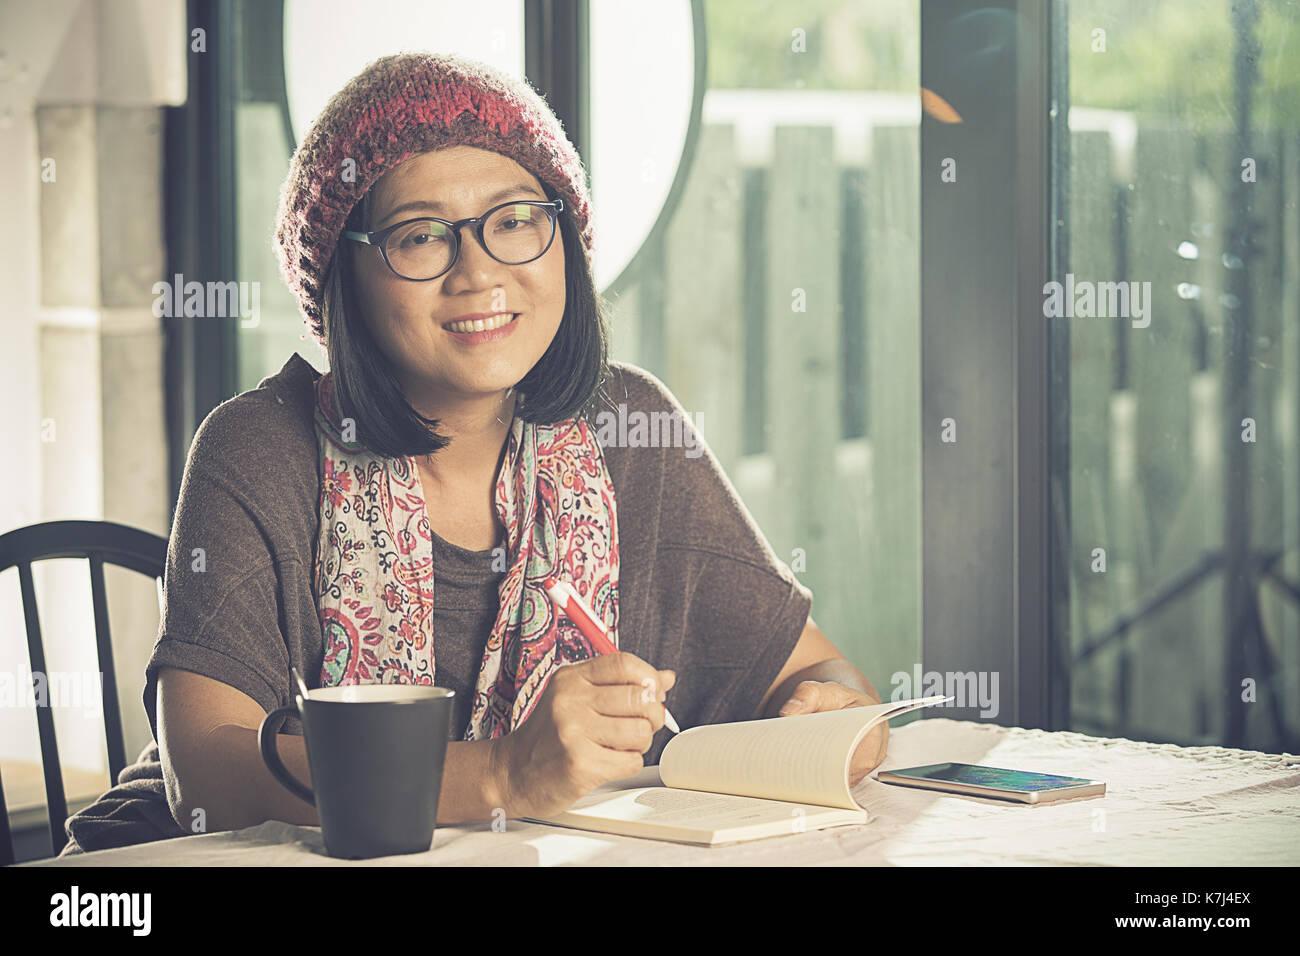 Dents sourire de femme asiatique livre de poche lecture in coffee shop Photo Stock